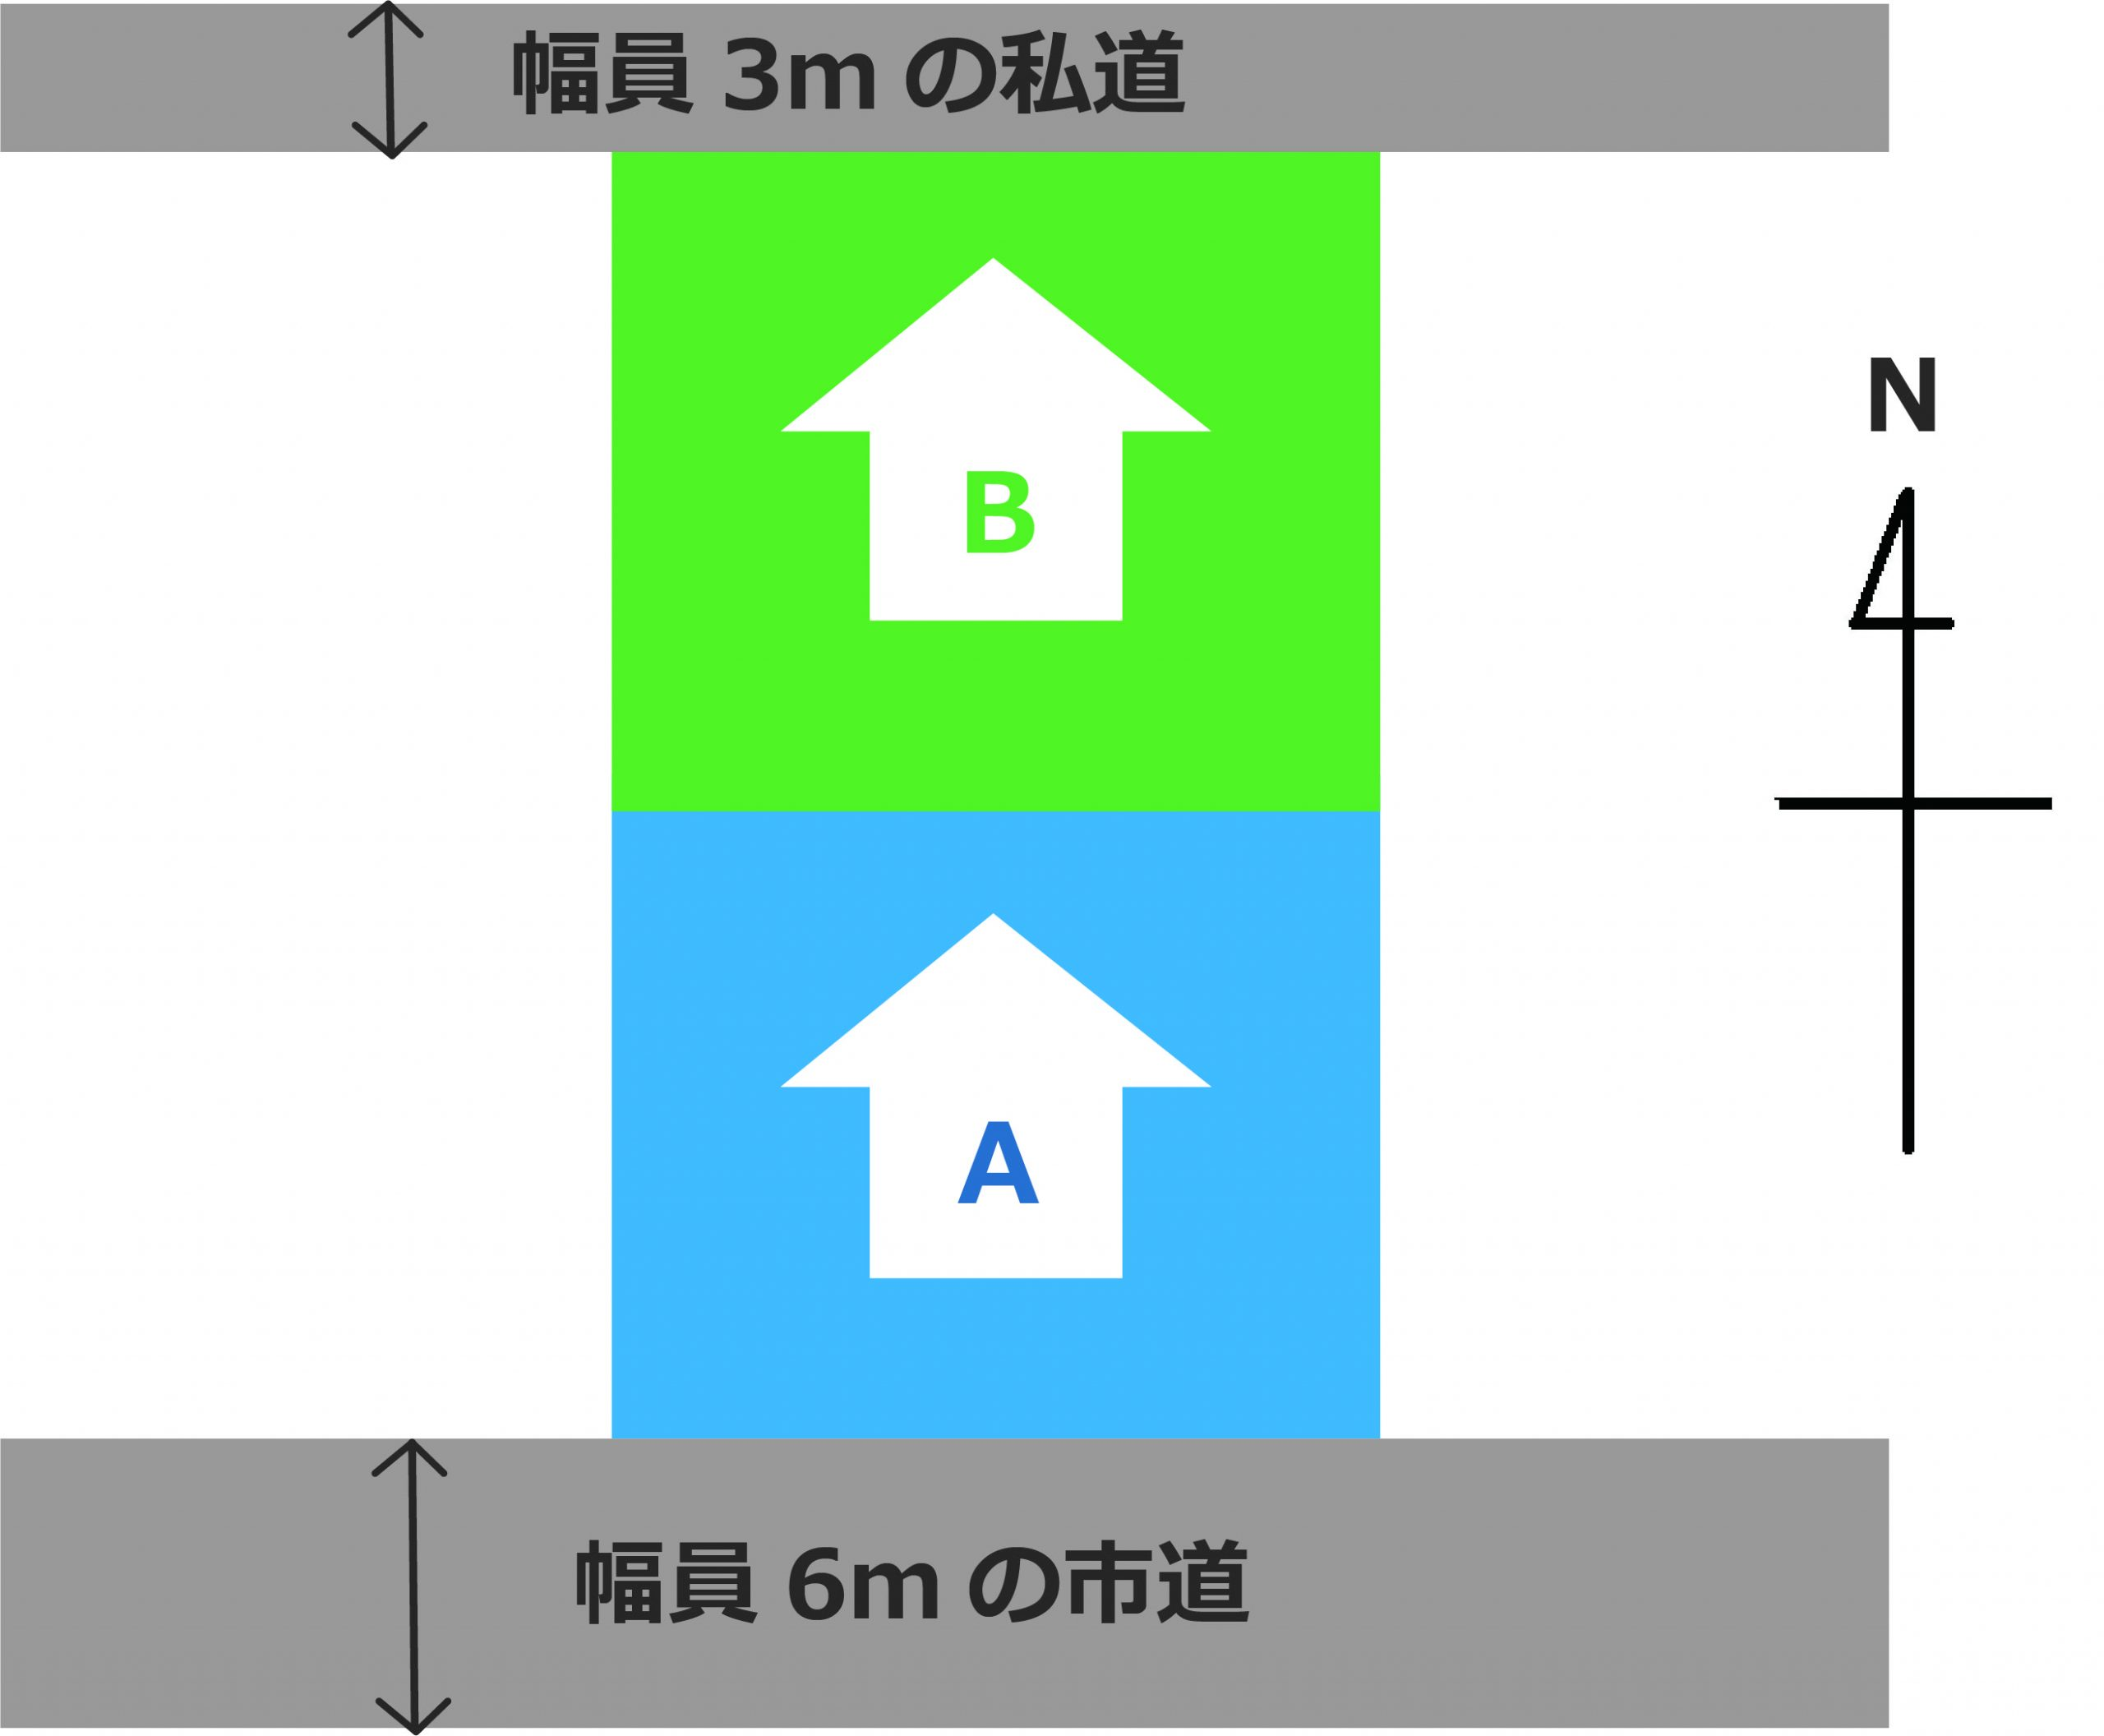 6mの市道に接している土地と裏隣で土地の向きが北向き、前面道路が幅員3mの私道に接している土地|土地選びについてパート1|OSUMU不動産コラム|大分不動産情報サービス